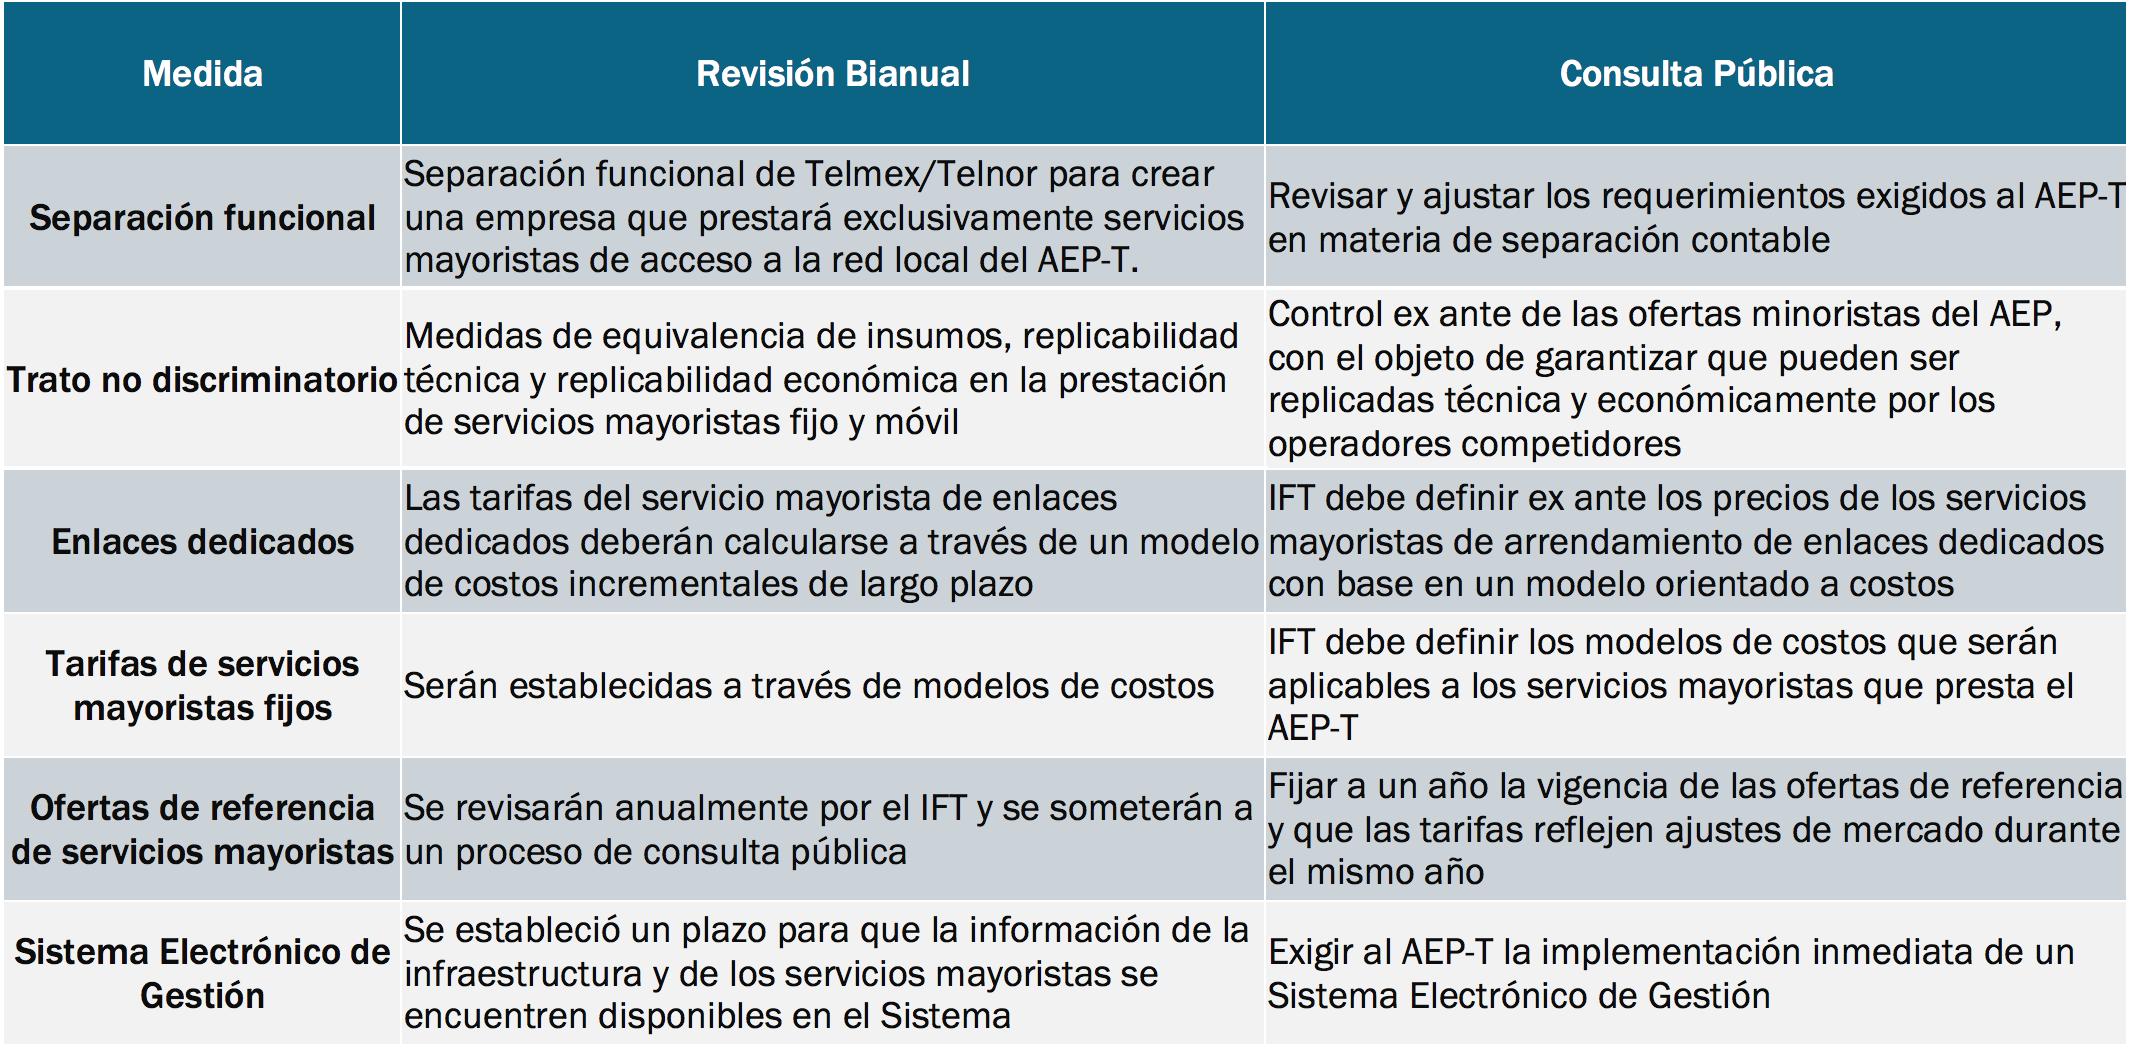 Comparativo de Medidas de la Revisión Bianual y Comentarios de la Consulta Pública de Preponderancia en Telecomunicaciones